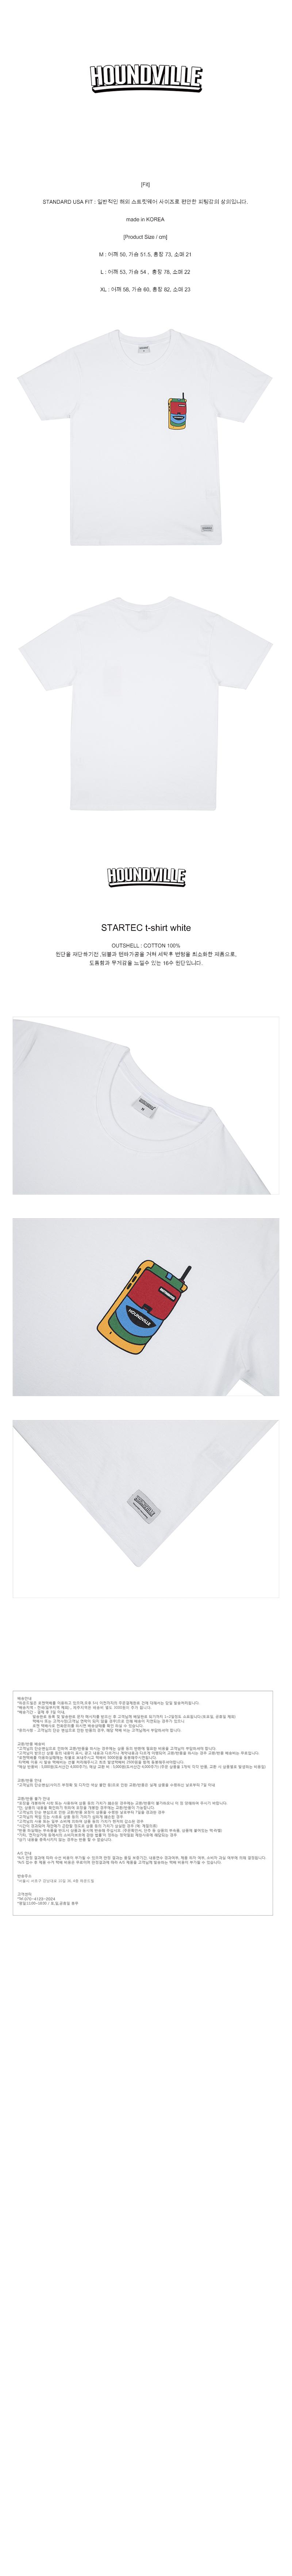 STARTEC t-shirt white.jpg